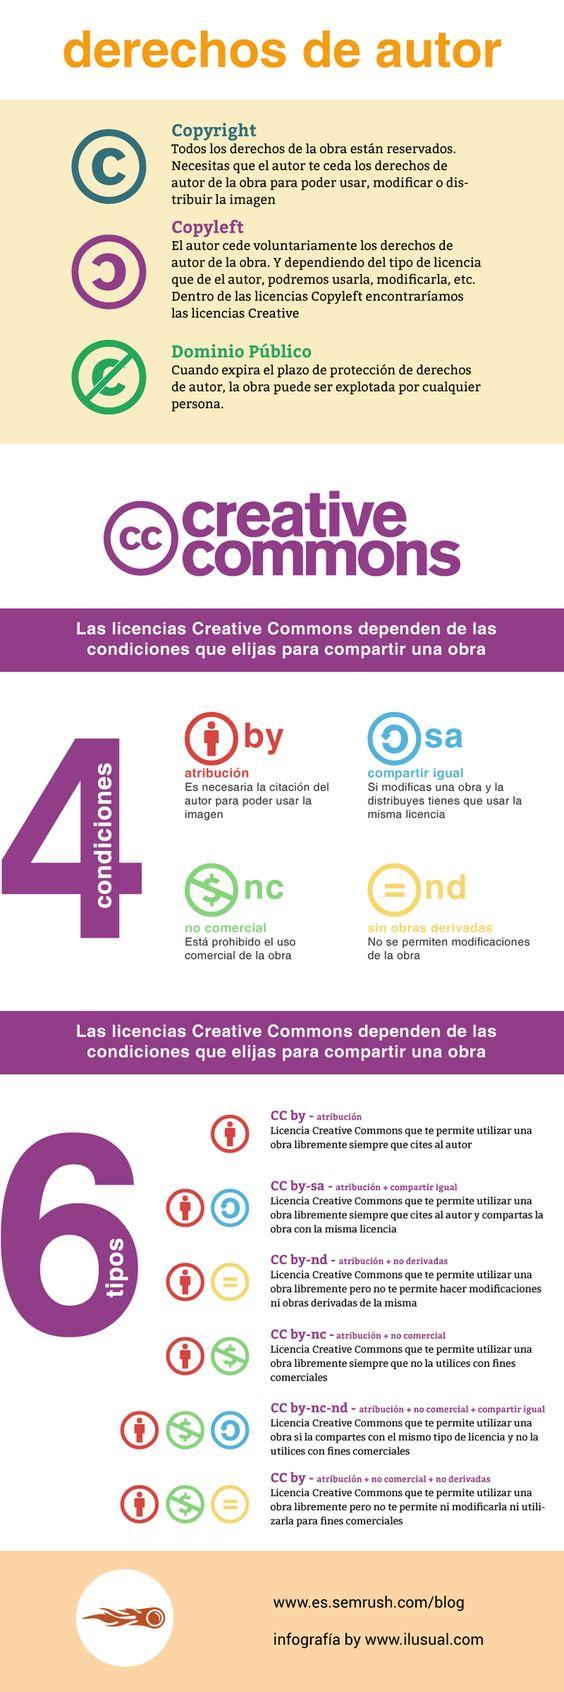 Derechos de autor en imágenes online y licencias Creative Commons #infografia #infographic: